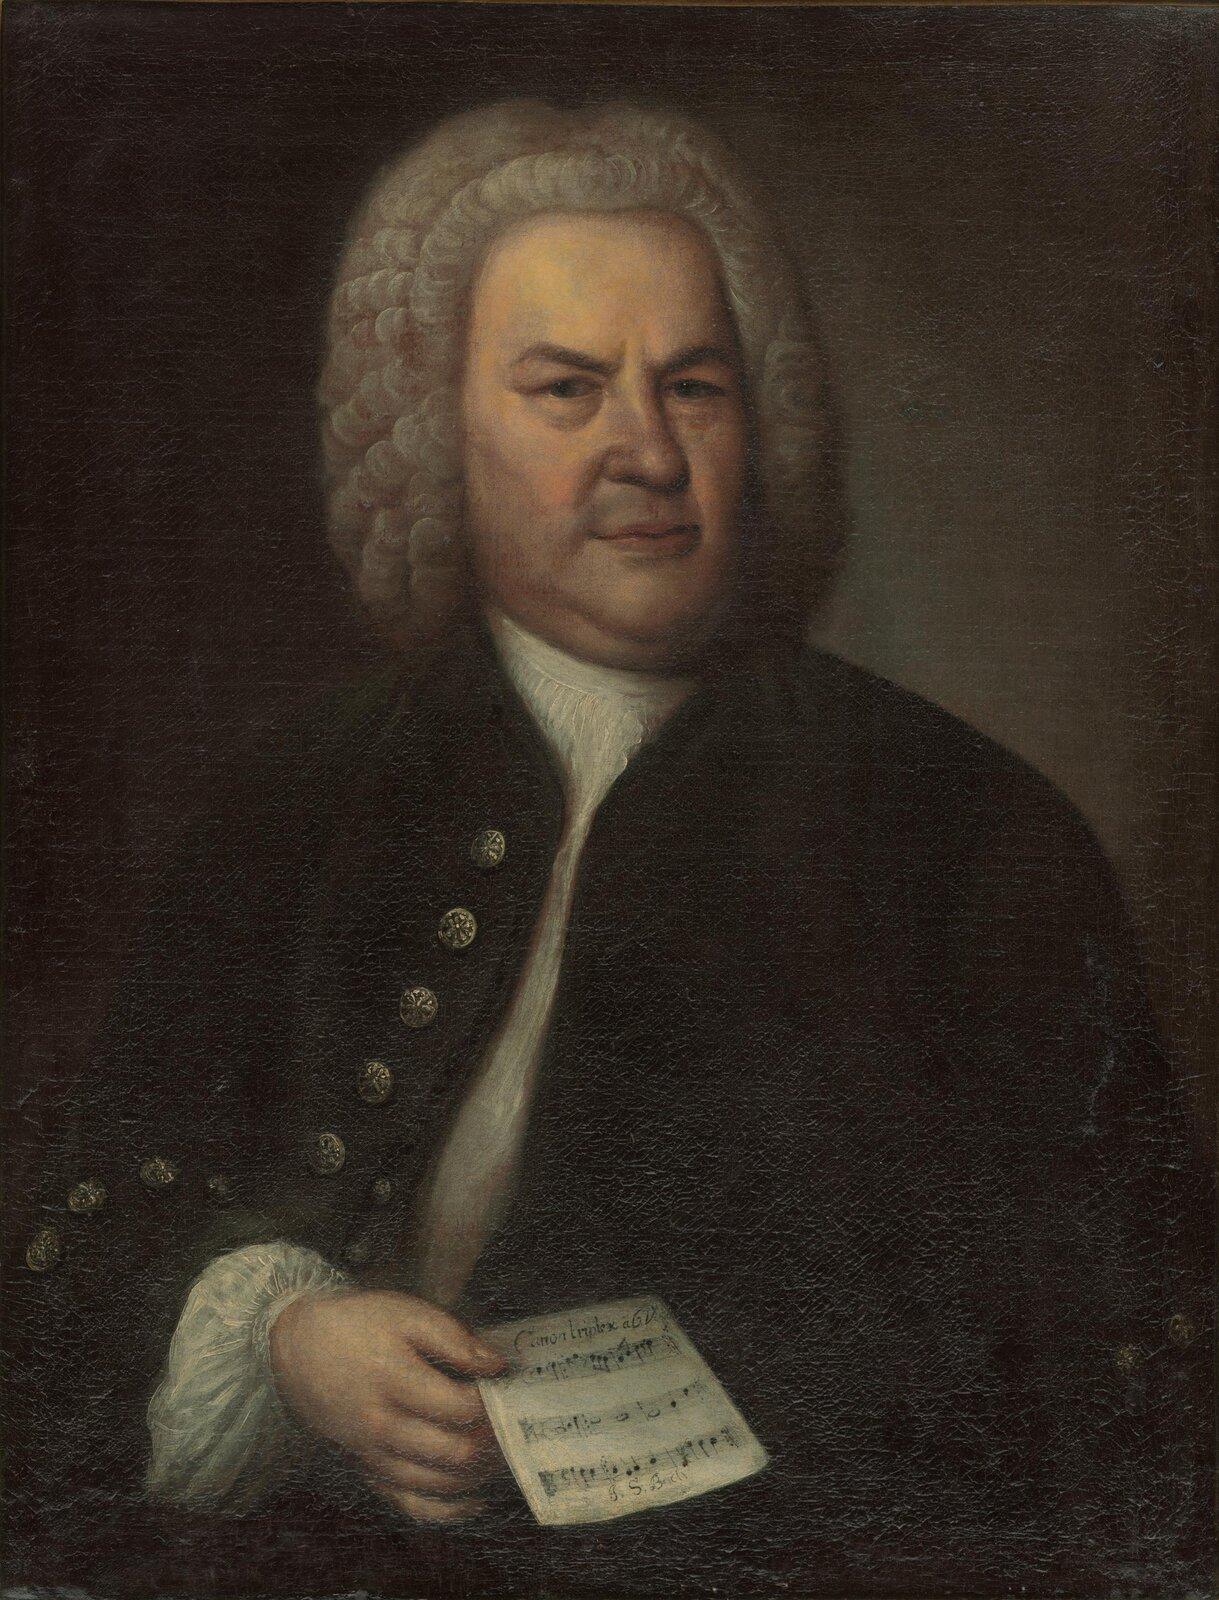 Ilustracja przedstawia portret Johanna Sebastiana Bacha autorstwa Eliasa Gottloba Haussmanna. Kompozytor przedstawiony został jako mężczyzna wśrednim wieku, mocnej budowy ciała, zdość surowym wyrazem twarzy iprzenikliwym spojrzeniem. Na głowie ma białą perukę, sięgającą do ramion. Ubrany jest wbiałą koszulę iciemny surdut. Wprawej ręce trzyma kartkę zzapisanymi nutami.